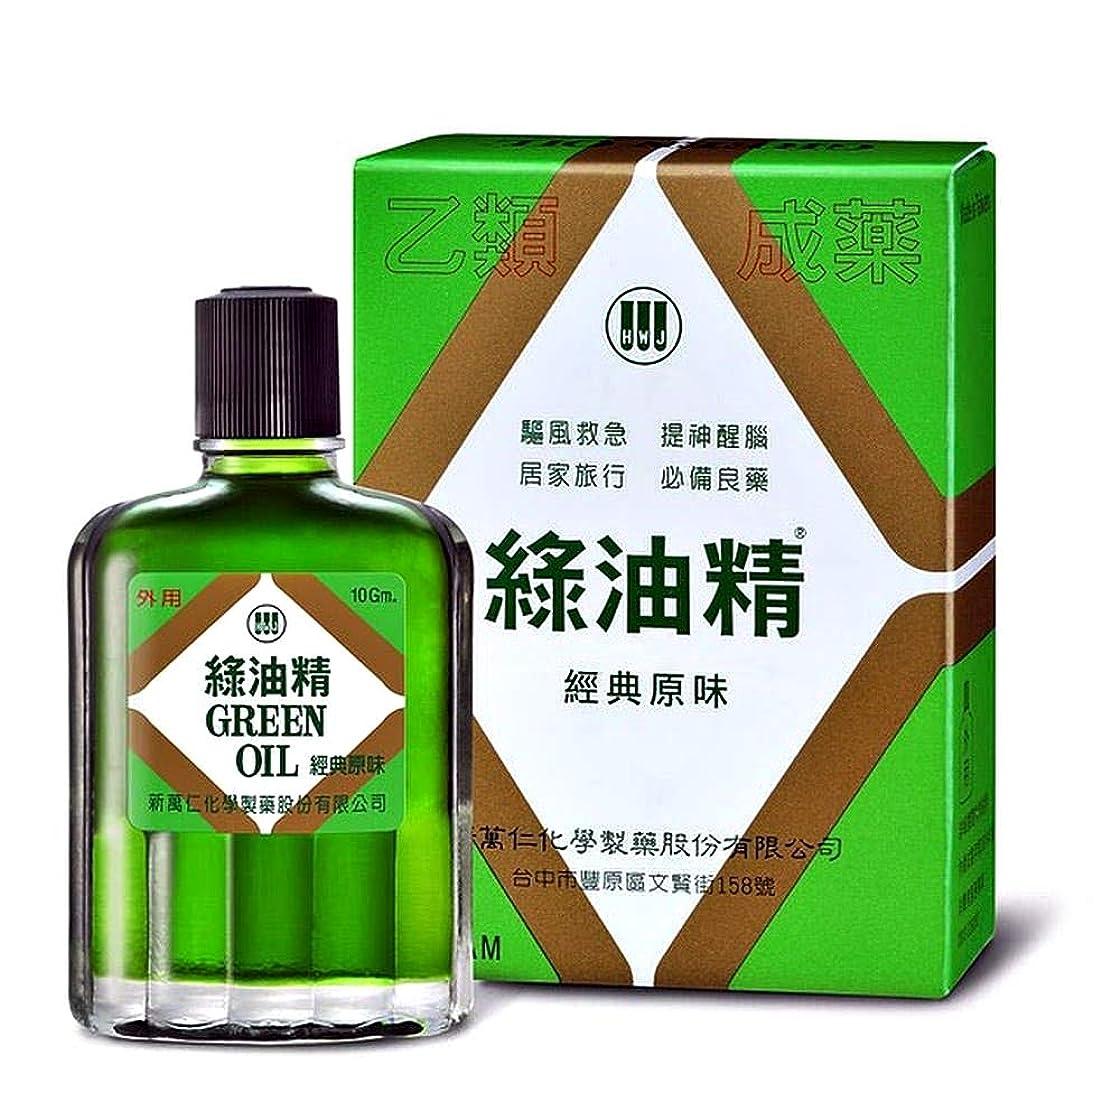 に沿ってスケジュールインフレーション《新萬仁》台湾の万能グリーンオイル 緑油精 10g 《台湾 お土産》 [並行輸入品]